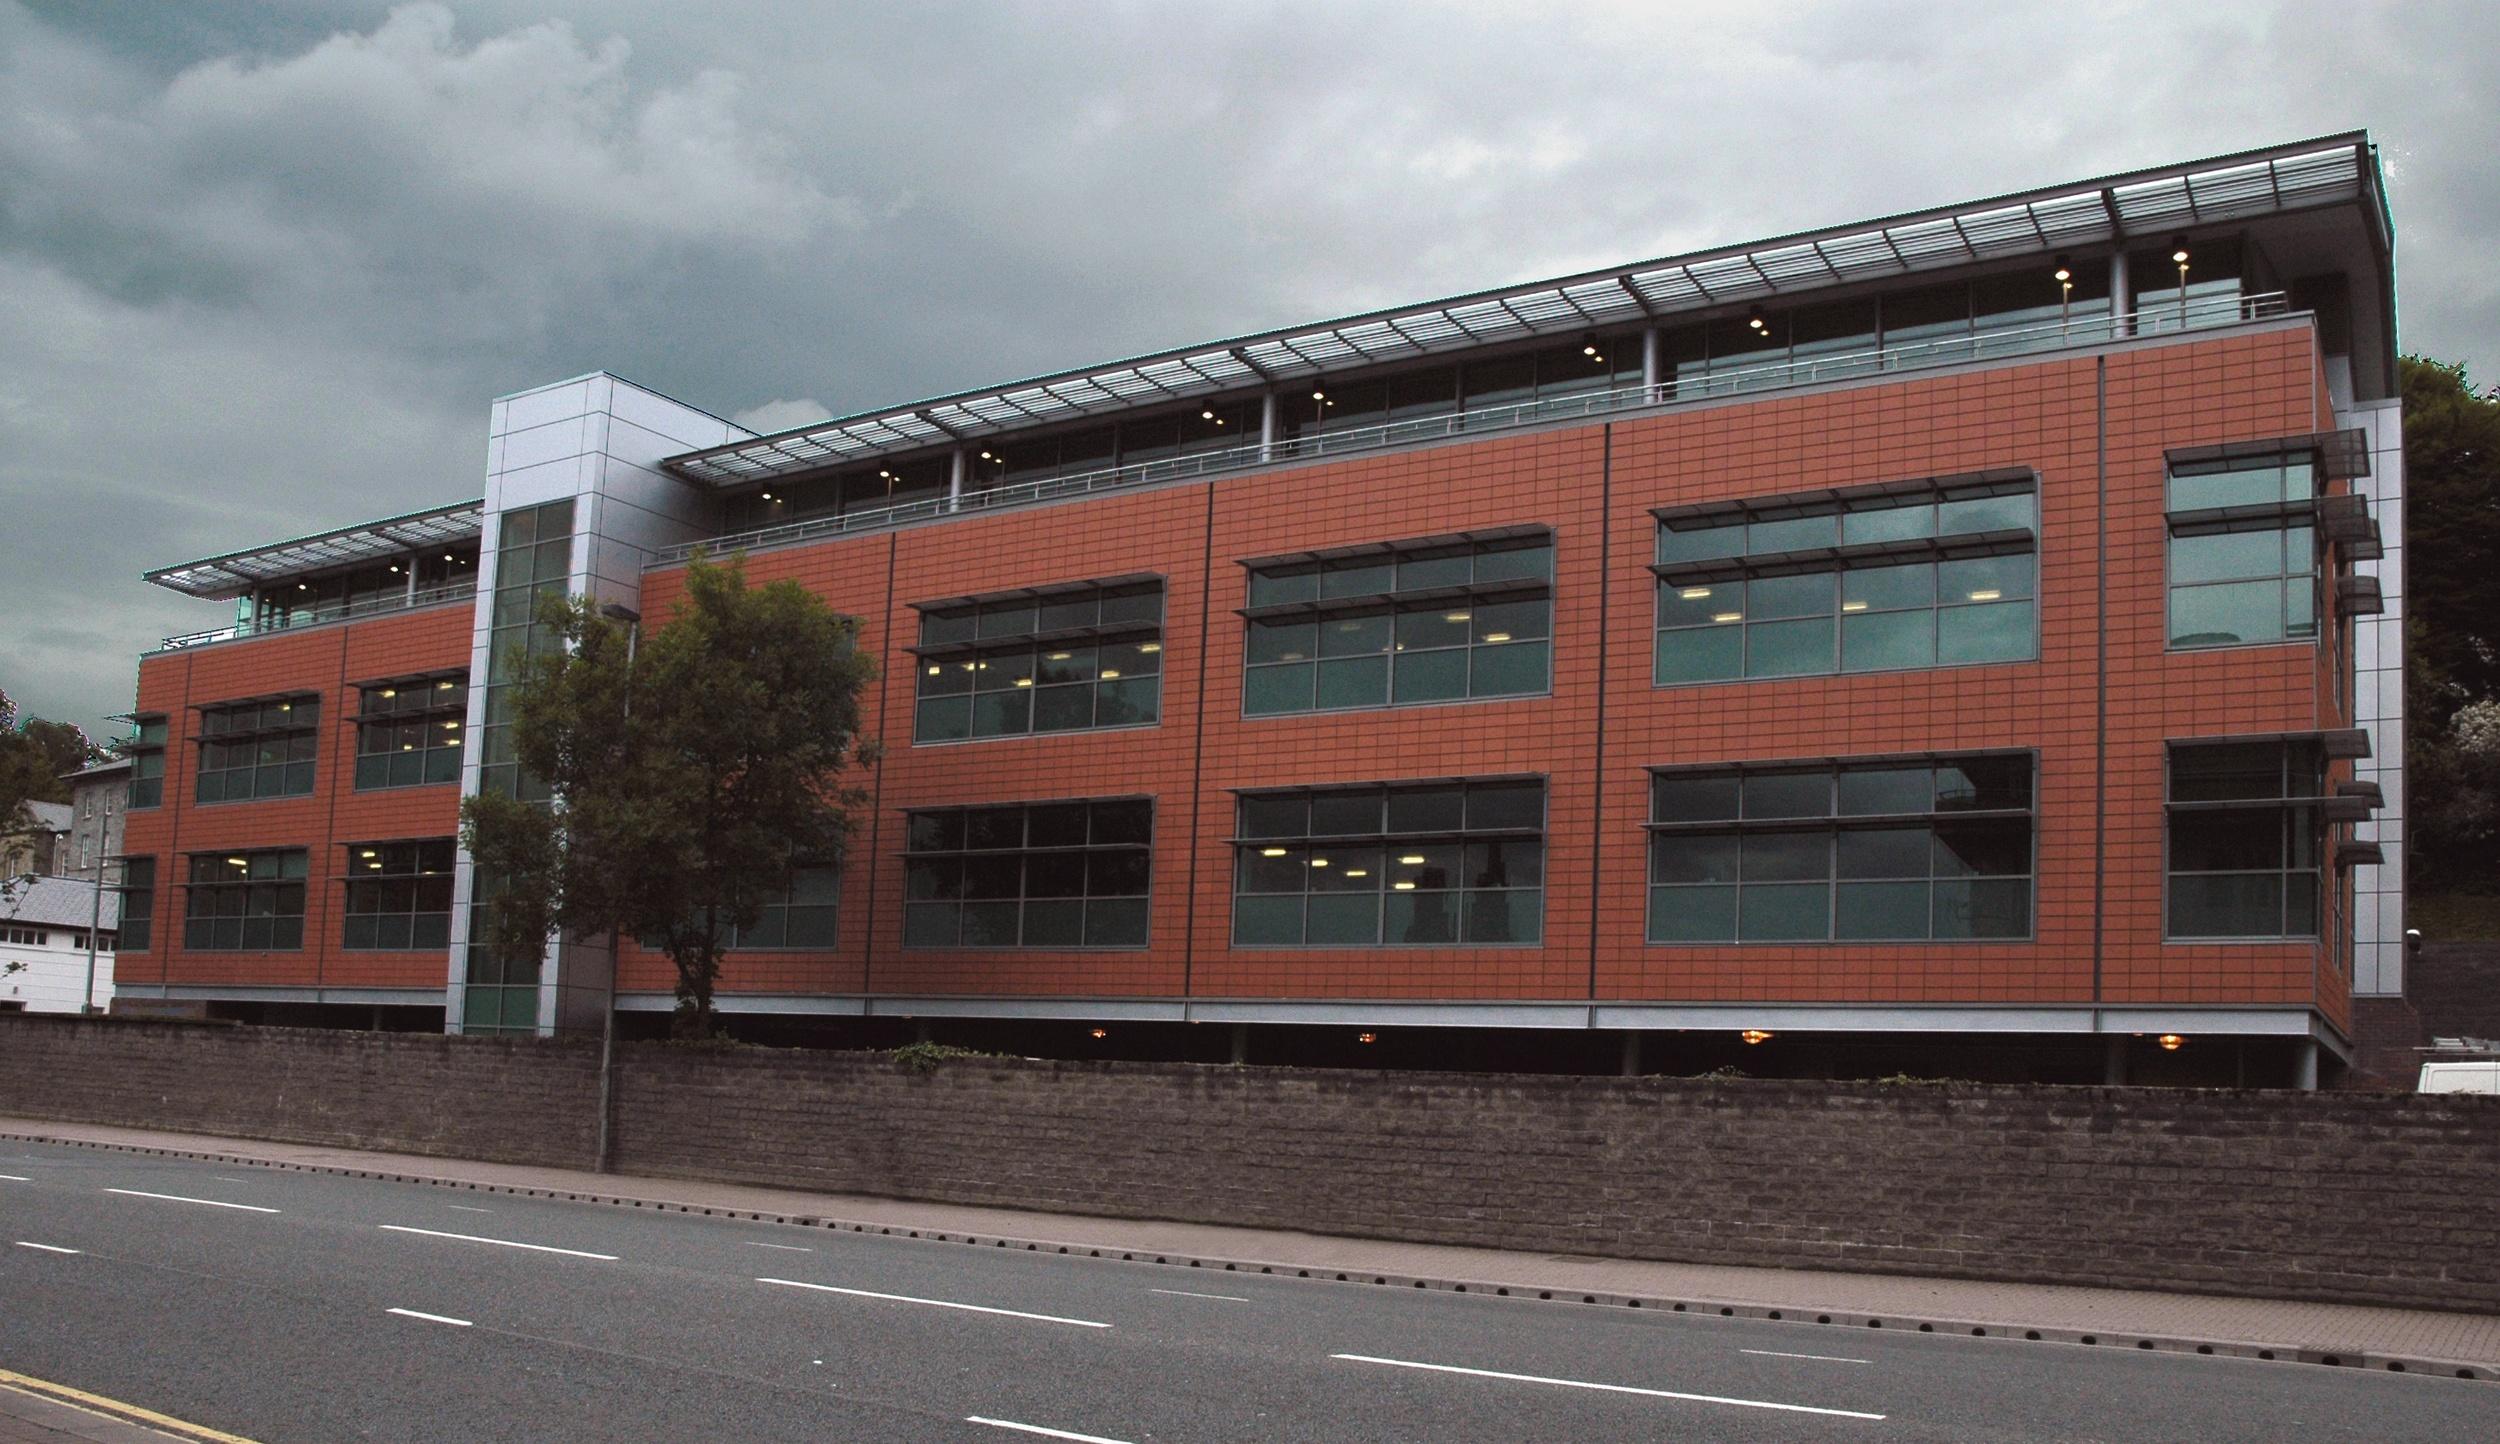 Magee Campus, Derry